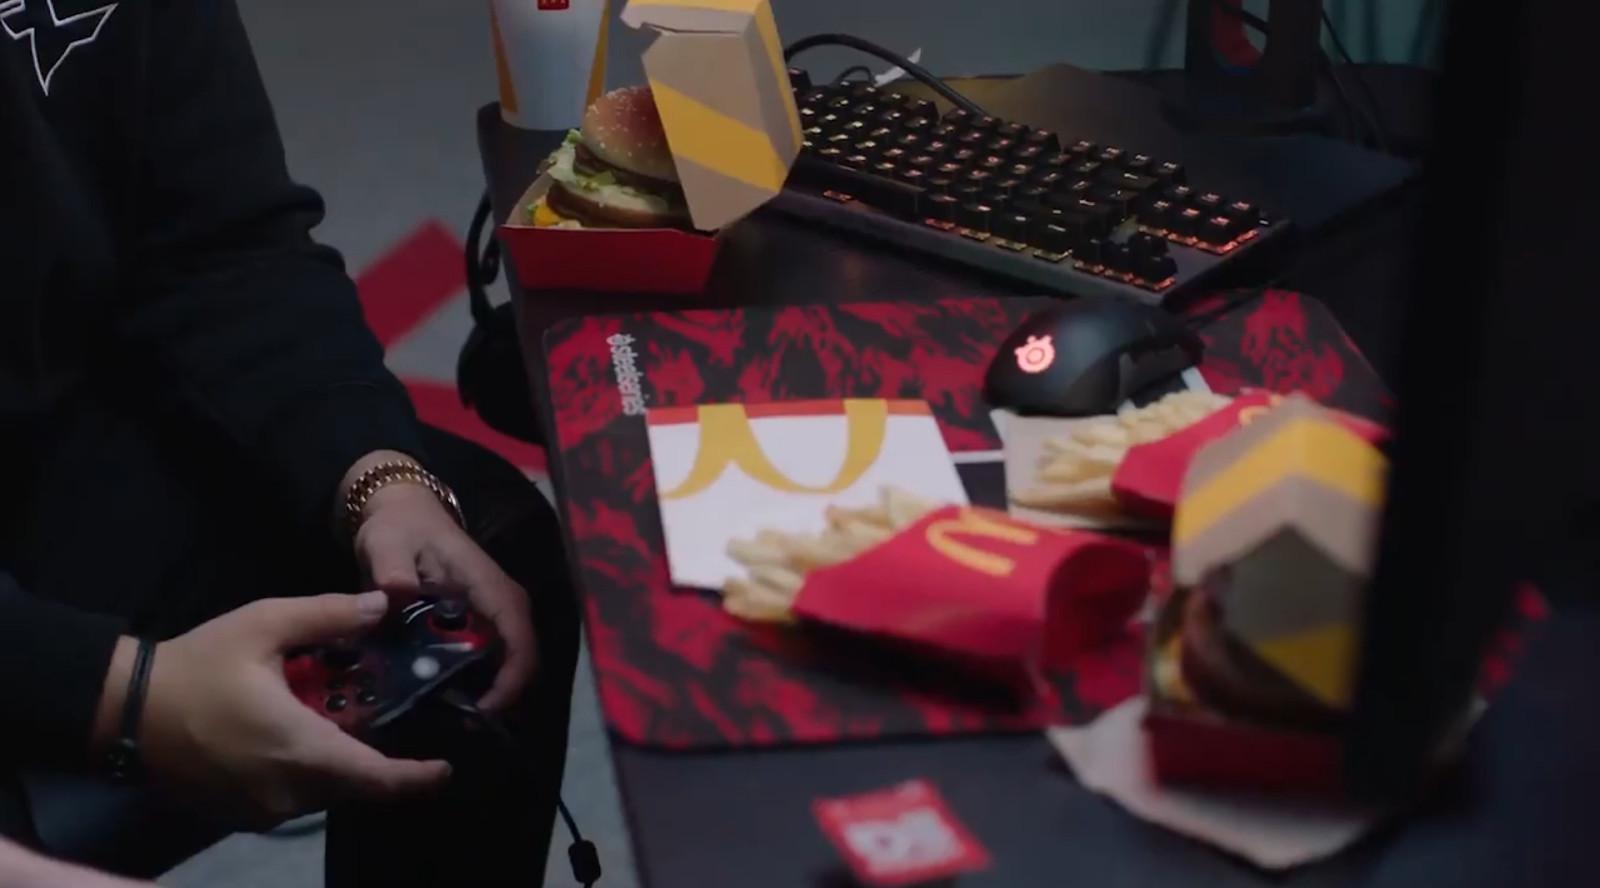 McDonalds en esportsorganisatie FaZe Clan gaan samenwerken, de bedrijven gaan samen video's maken waarbij inclusiviteit en diversiteit voorop staan.